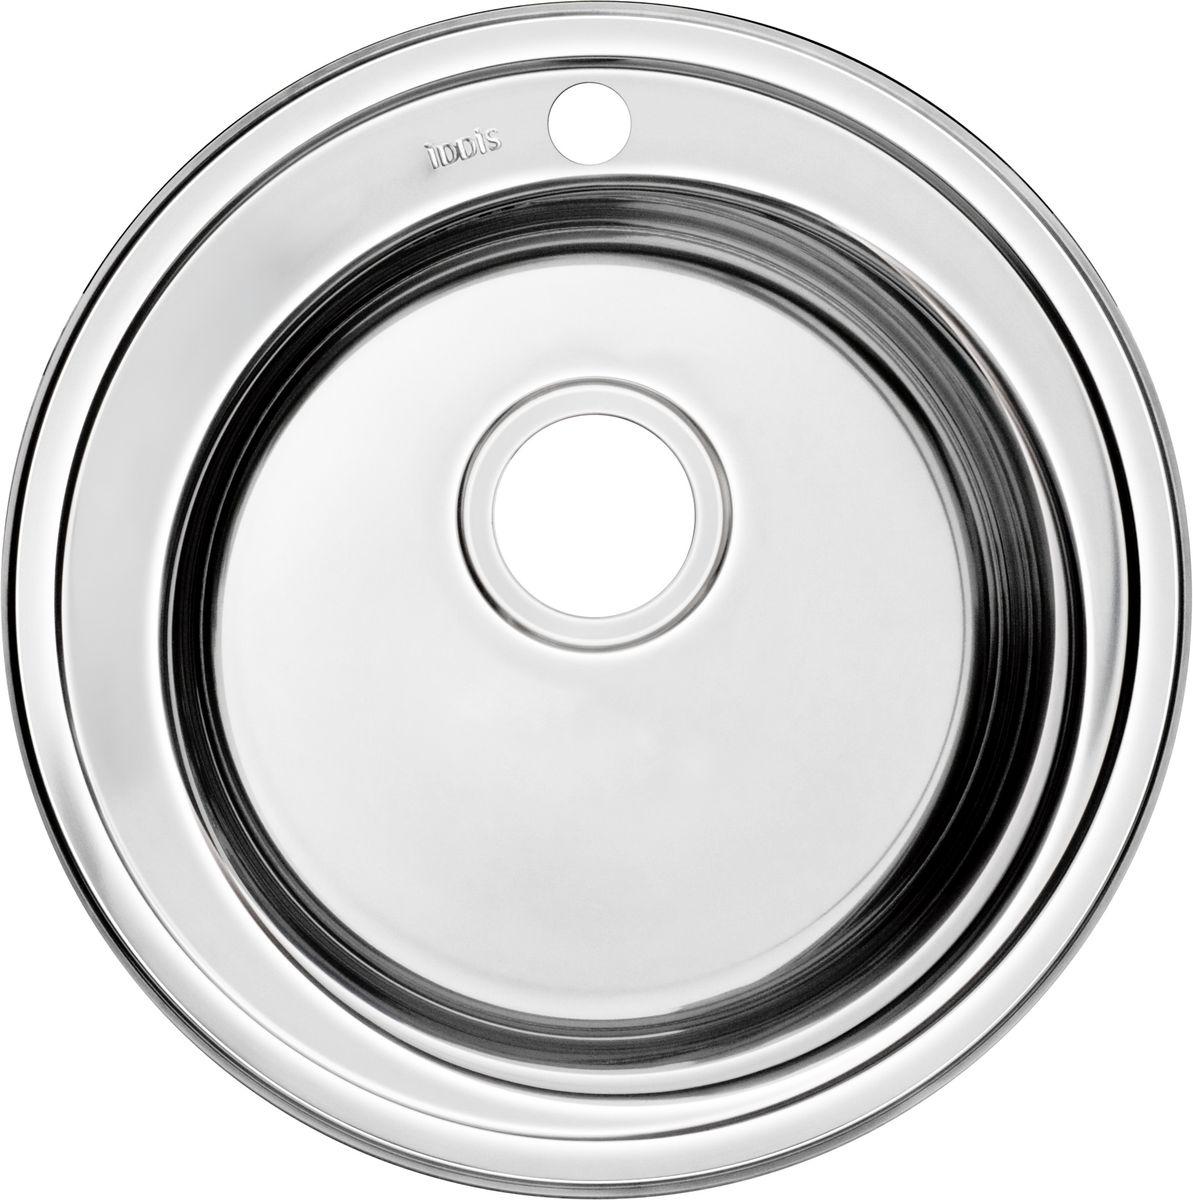 Мойка Iddis Suno, полированная, диаметр 50,5 см. SUN50P0i77BL505Корпус мойки Iddis Suno выполнен из специальной нержавеющей стали марки 304 с содержанием хрома 18%, и никеля 10%. Это гарантирует устойчивость к воздействию химических веществ, появлению пятен и коррозии. Толщина стали в мойке 0,8 мм. Специальное дополнительное антишумовое покрытие Silenon, нанесенное на обратную сторону чаш, разработано для снижения шума воды в мойке.Конструкция краев мойки, крепления и специальная уплотнительная прокладка обеспечивает максимально плотное прилегание к столешнице и защищает от протекания. Мойка из нержавеющей стали Iddis имеет изготовленное на заводе отверстие под смеситель, что делает ее полностью готовой к установке. Наличие шаблона для выреза отверстия в столешнице для каждой модели облегчает процесс установки моек Iddis.Гарантия на мойки из нержавеющей стали Iddis составляет 15 лет.Глубина чаши: 180 мм, диаметр чаши: 410 мм.